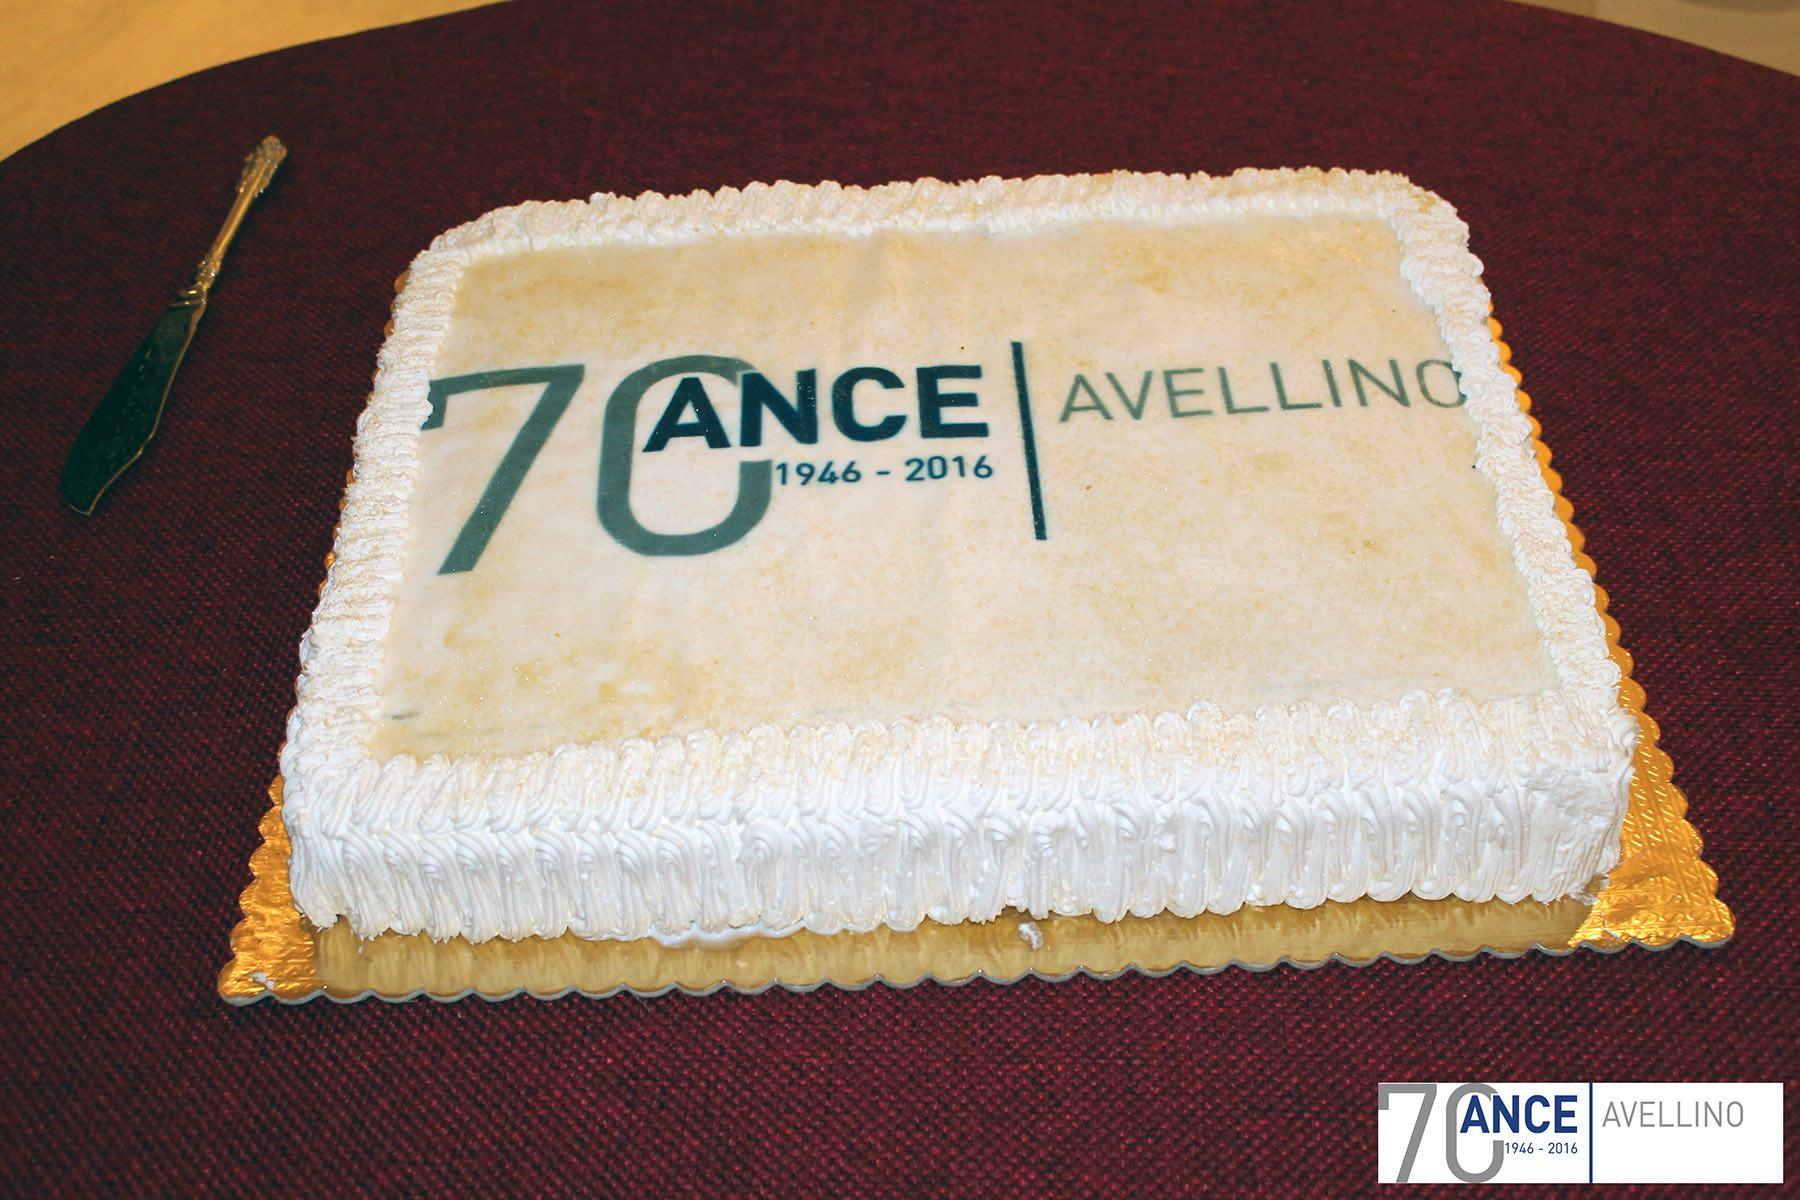 70 Anni Ance Avellino